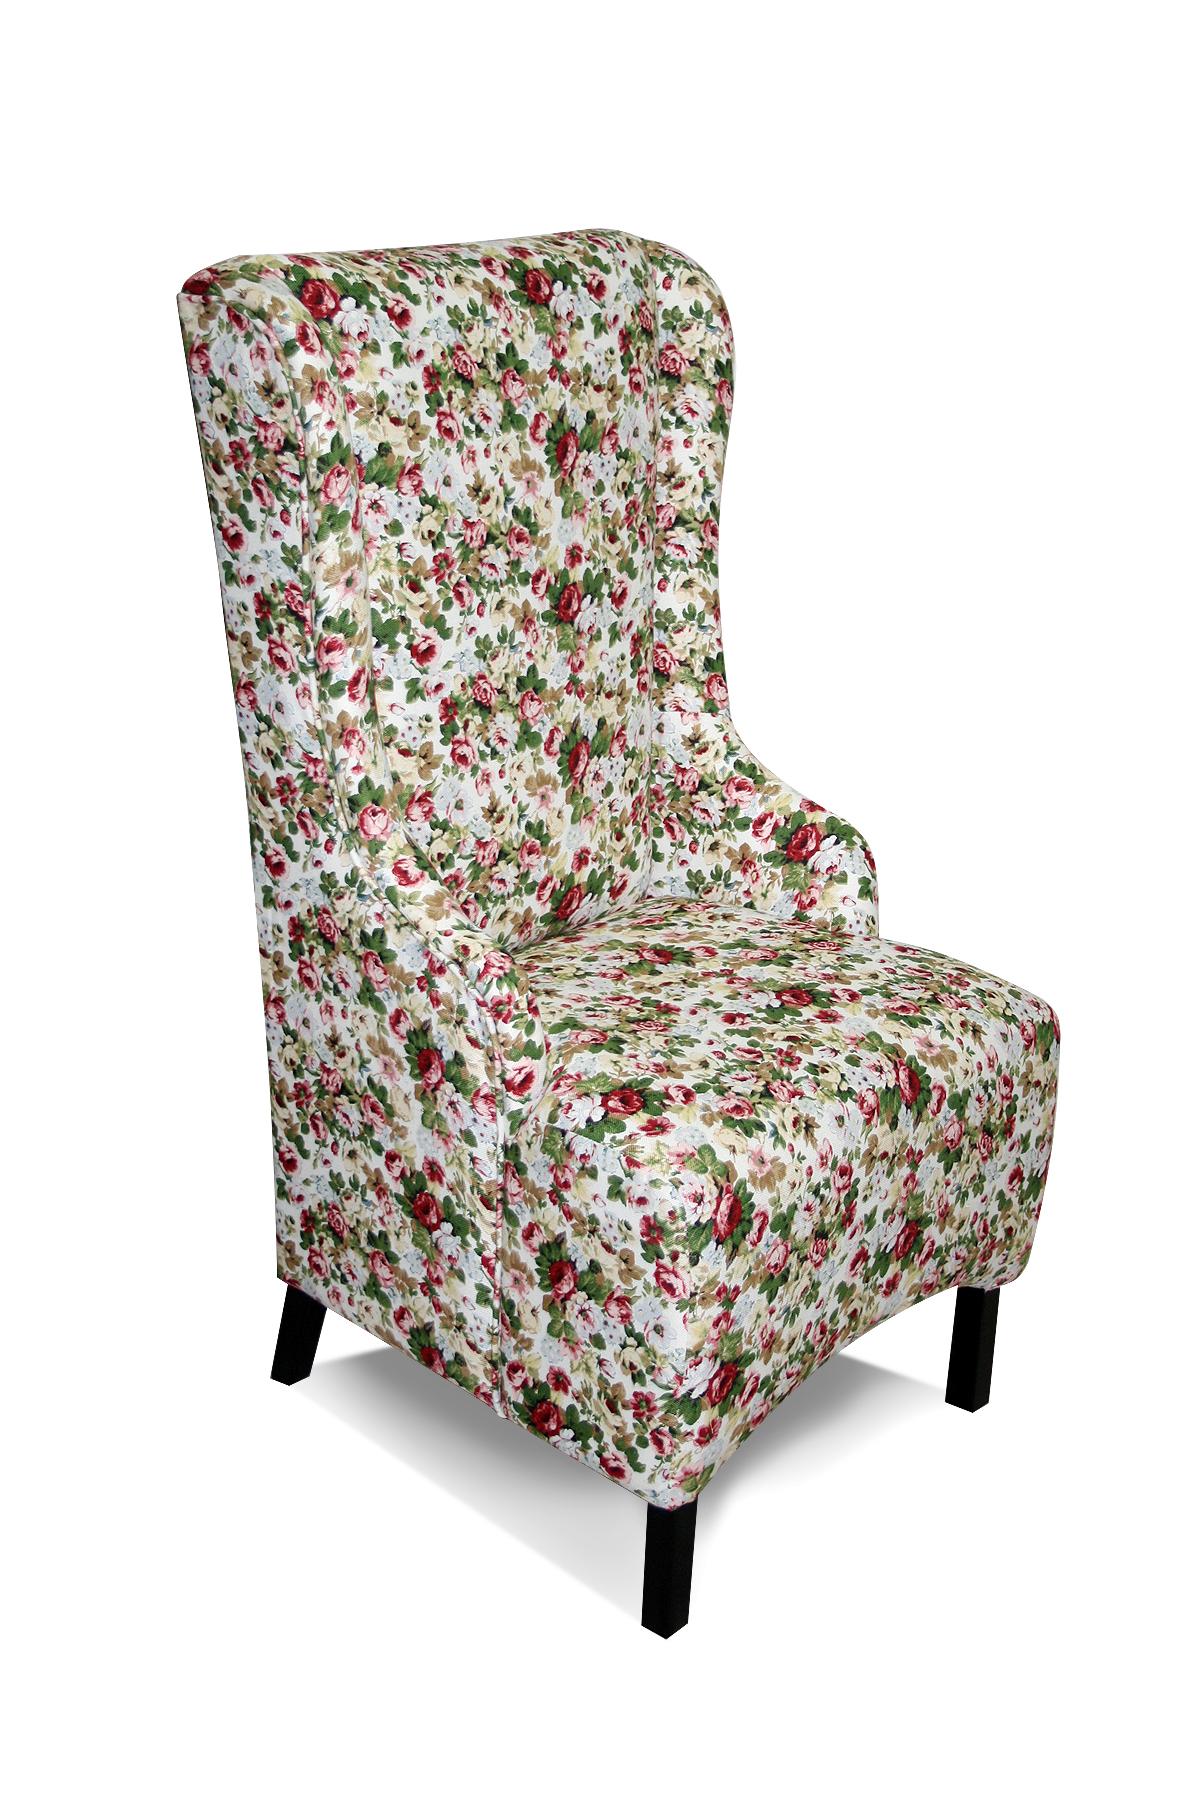 fotel fabio wzory kwiaty kolory